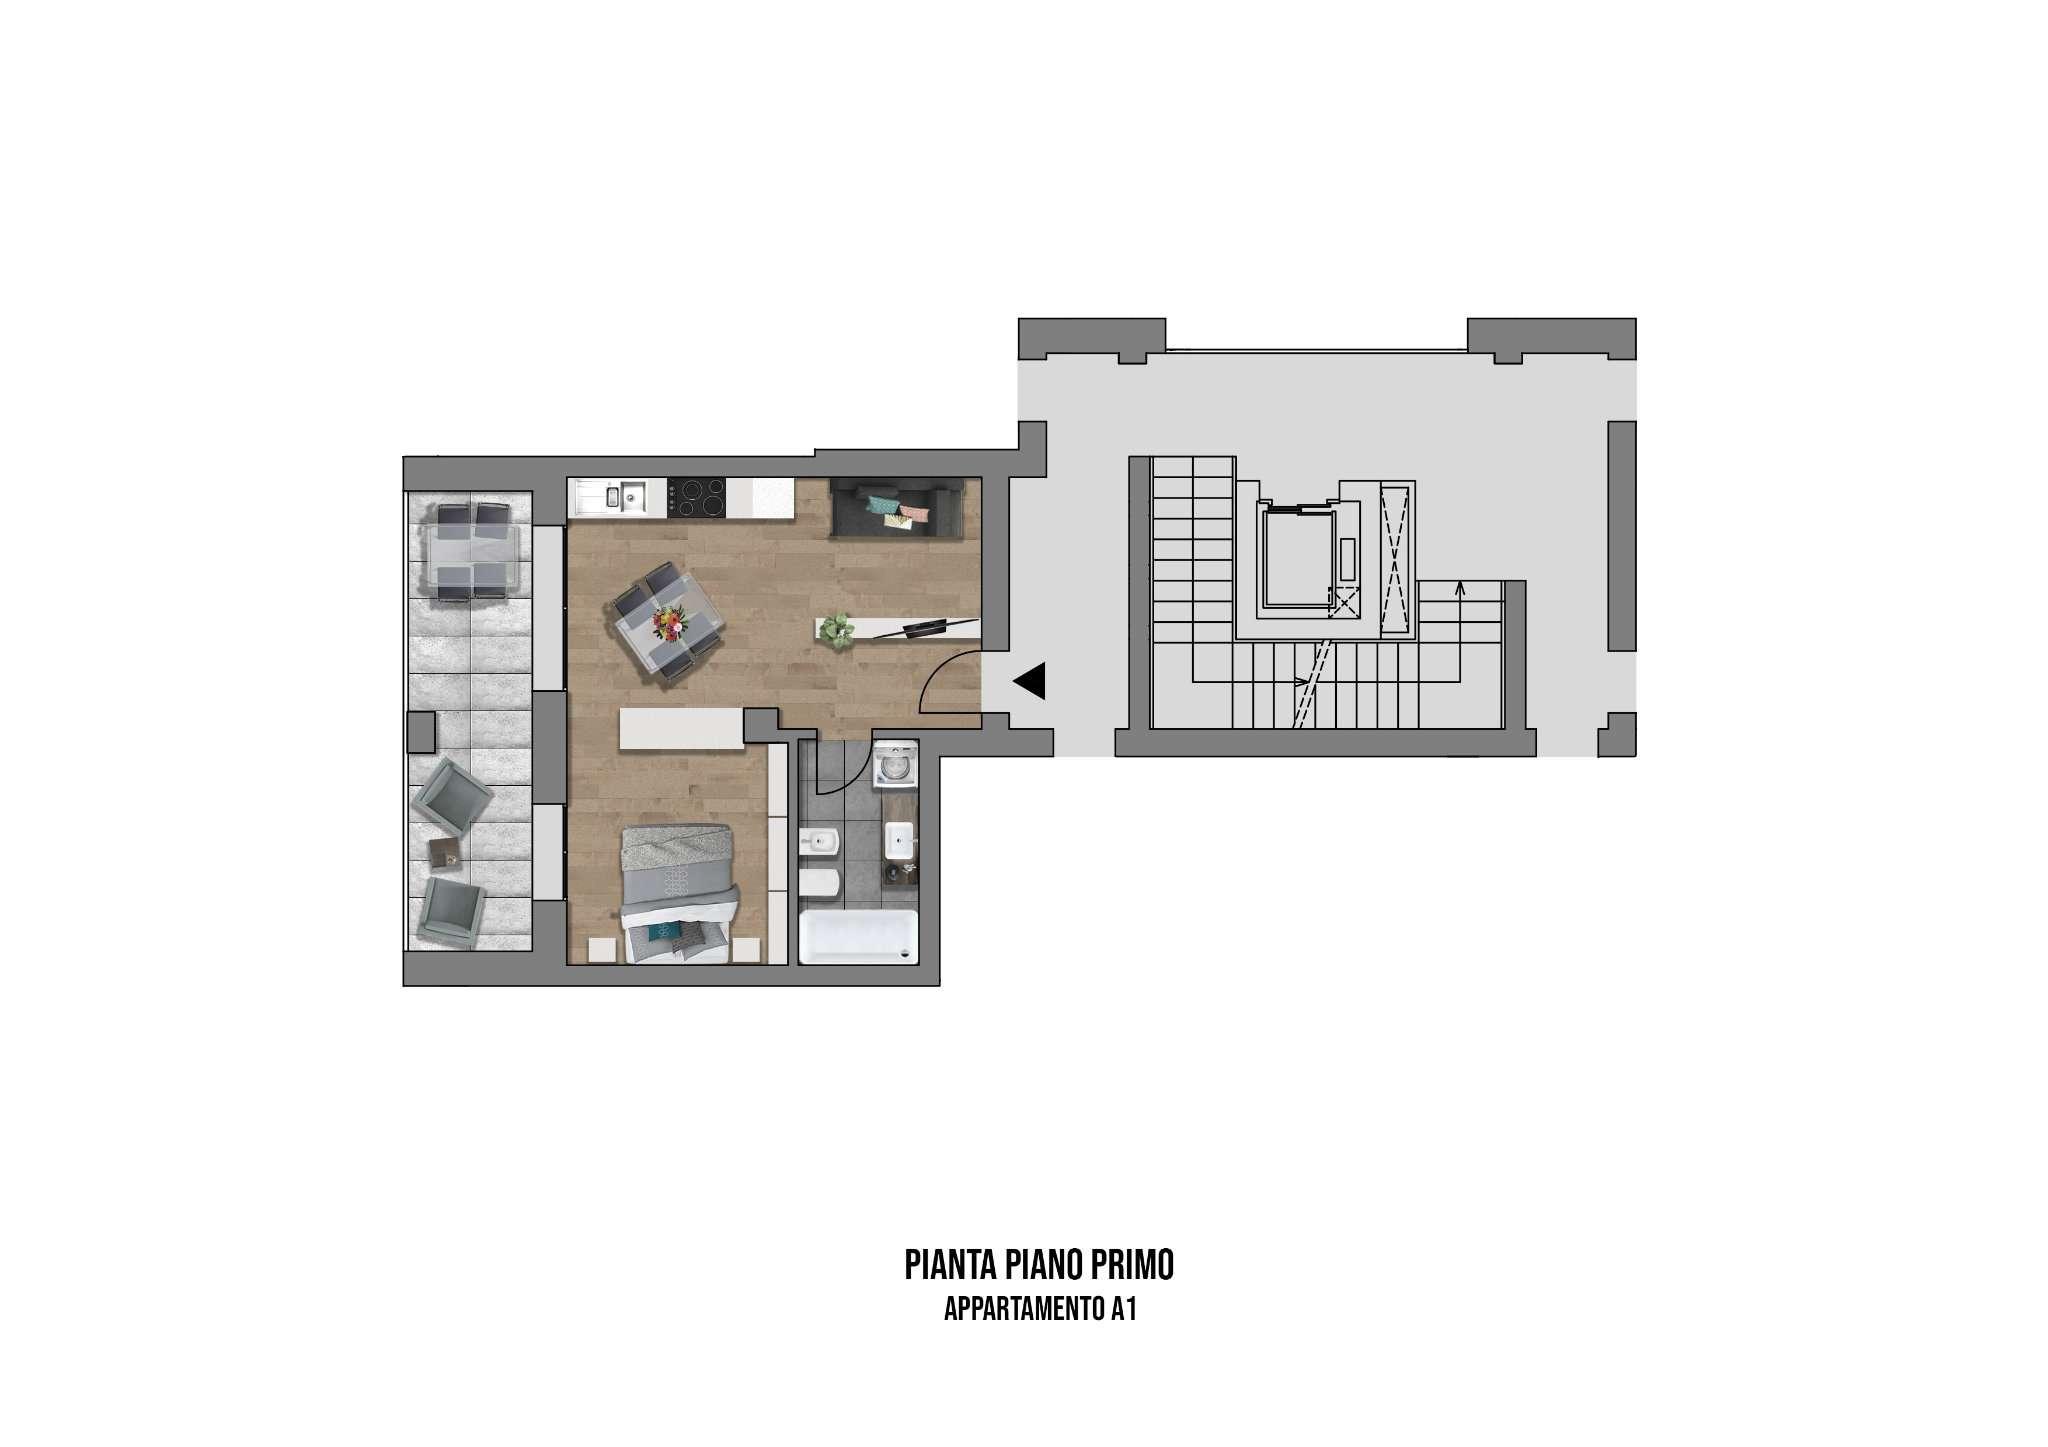 Appartamento in vendita a Casalecchio di Reno, 1 locali, prezzo € 180.000 | PortaleAgenzieImmobiliari.it